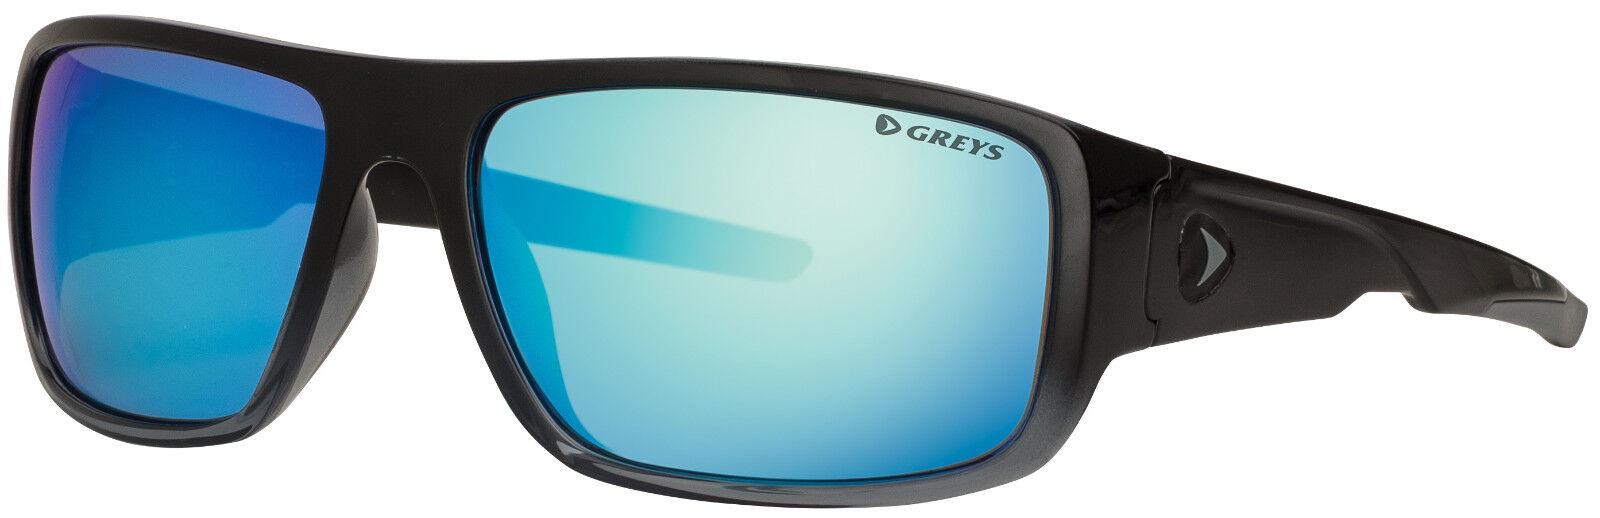 Greys G2 Sonnenbrille Fliegenfischen NEU polarisiert Friedfischangeln